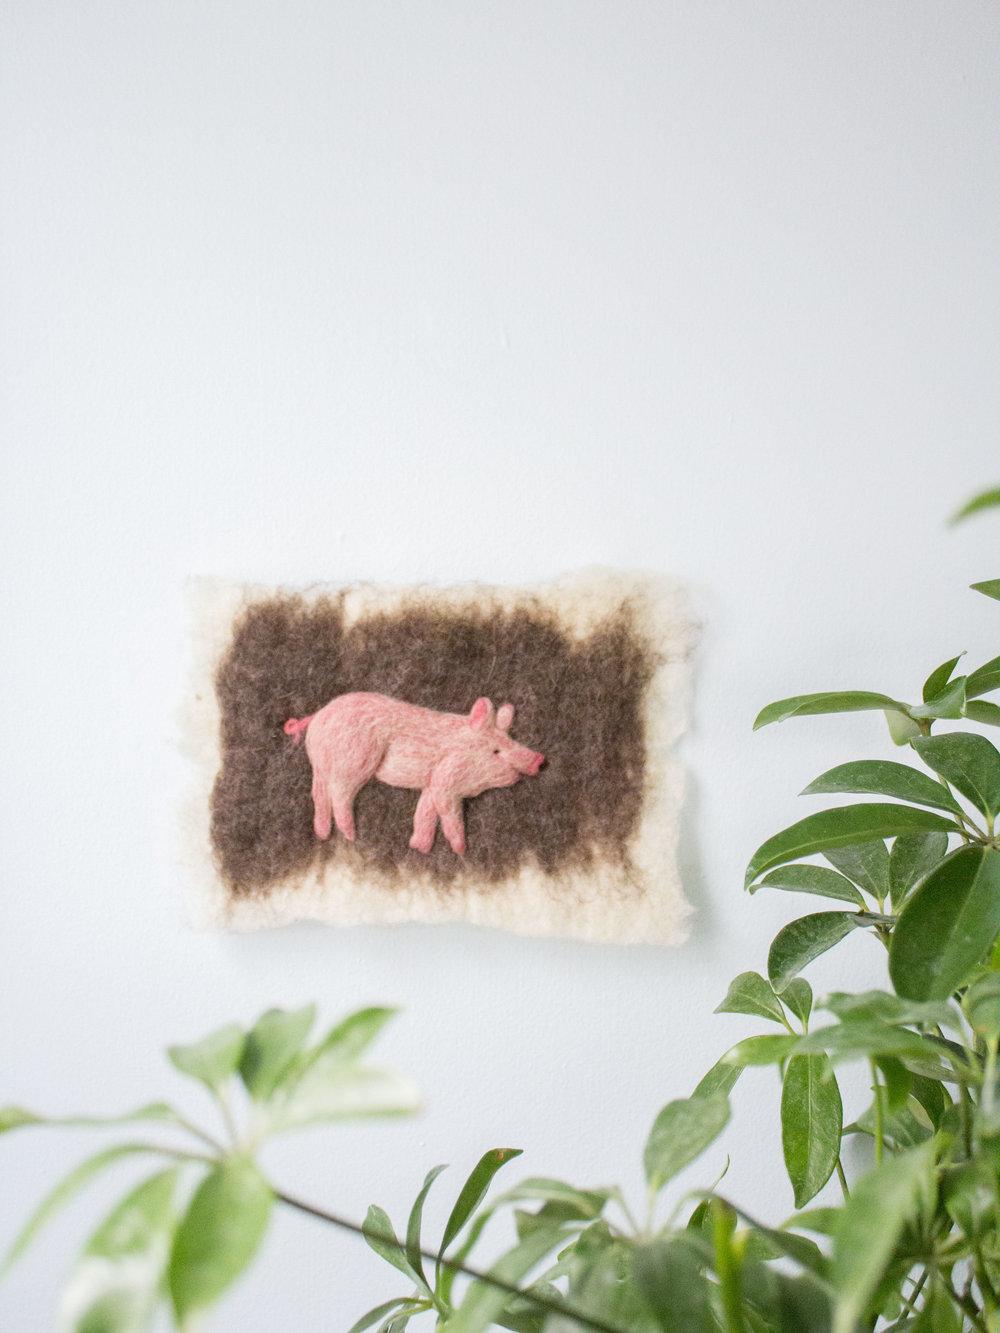 Pig, 2016